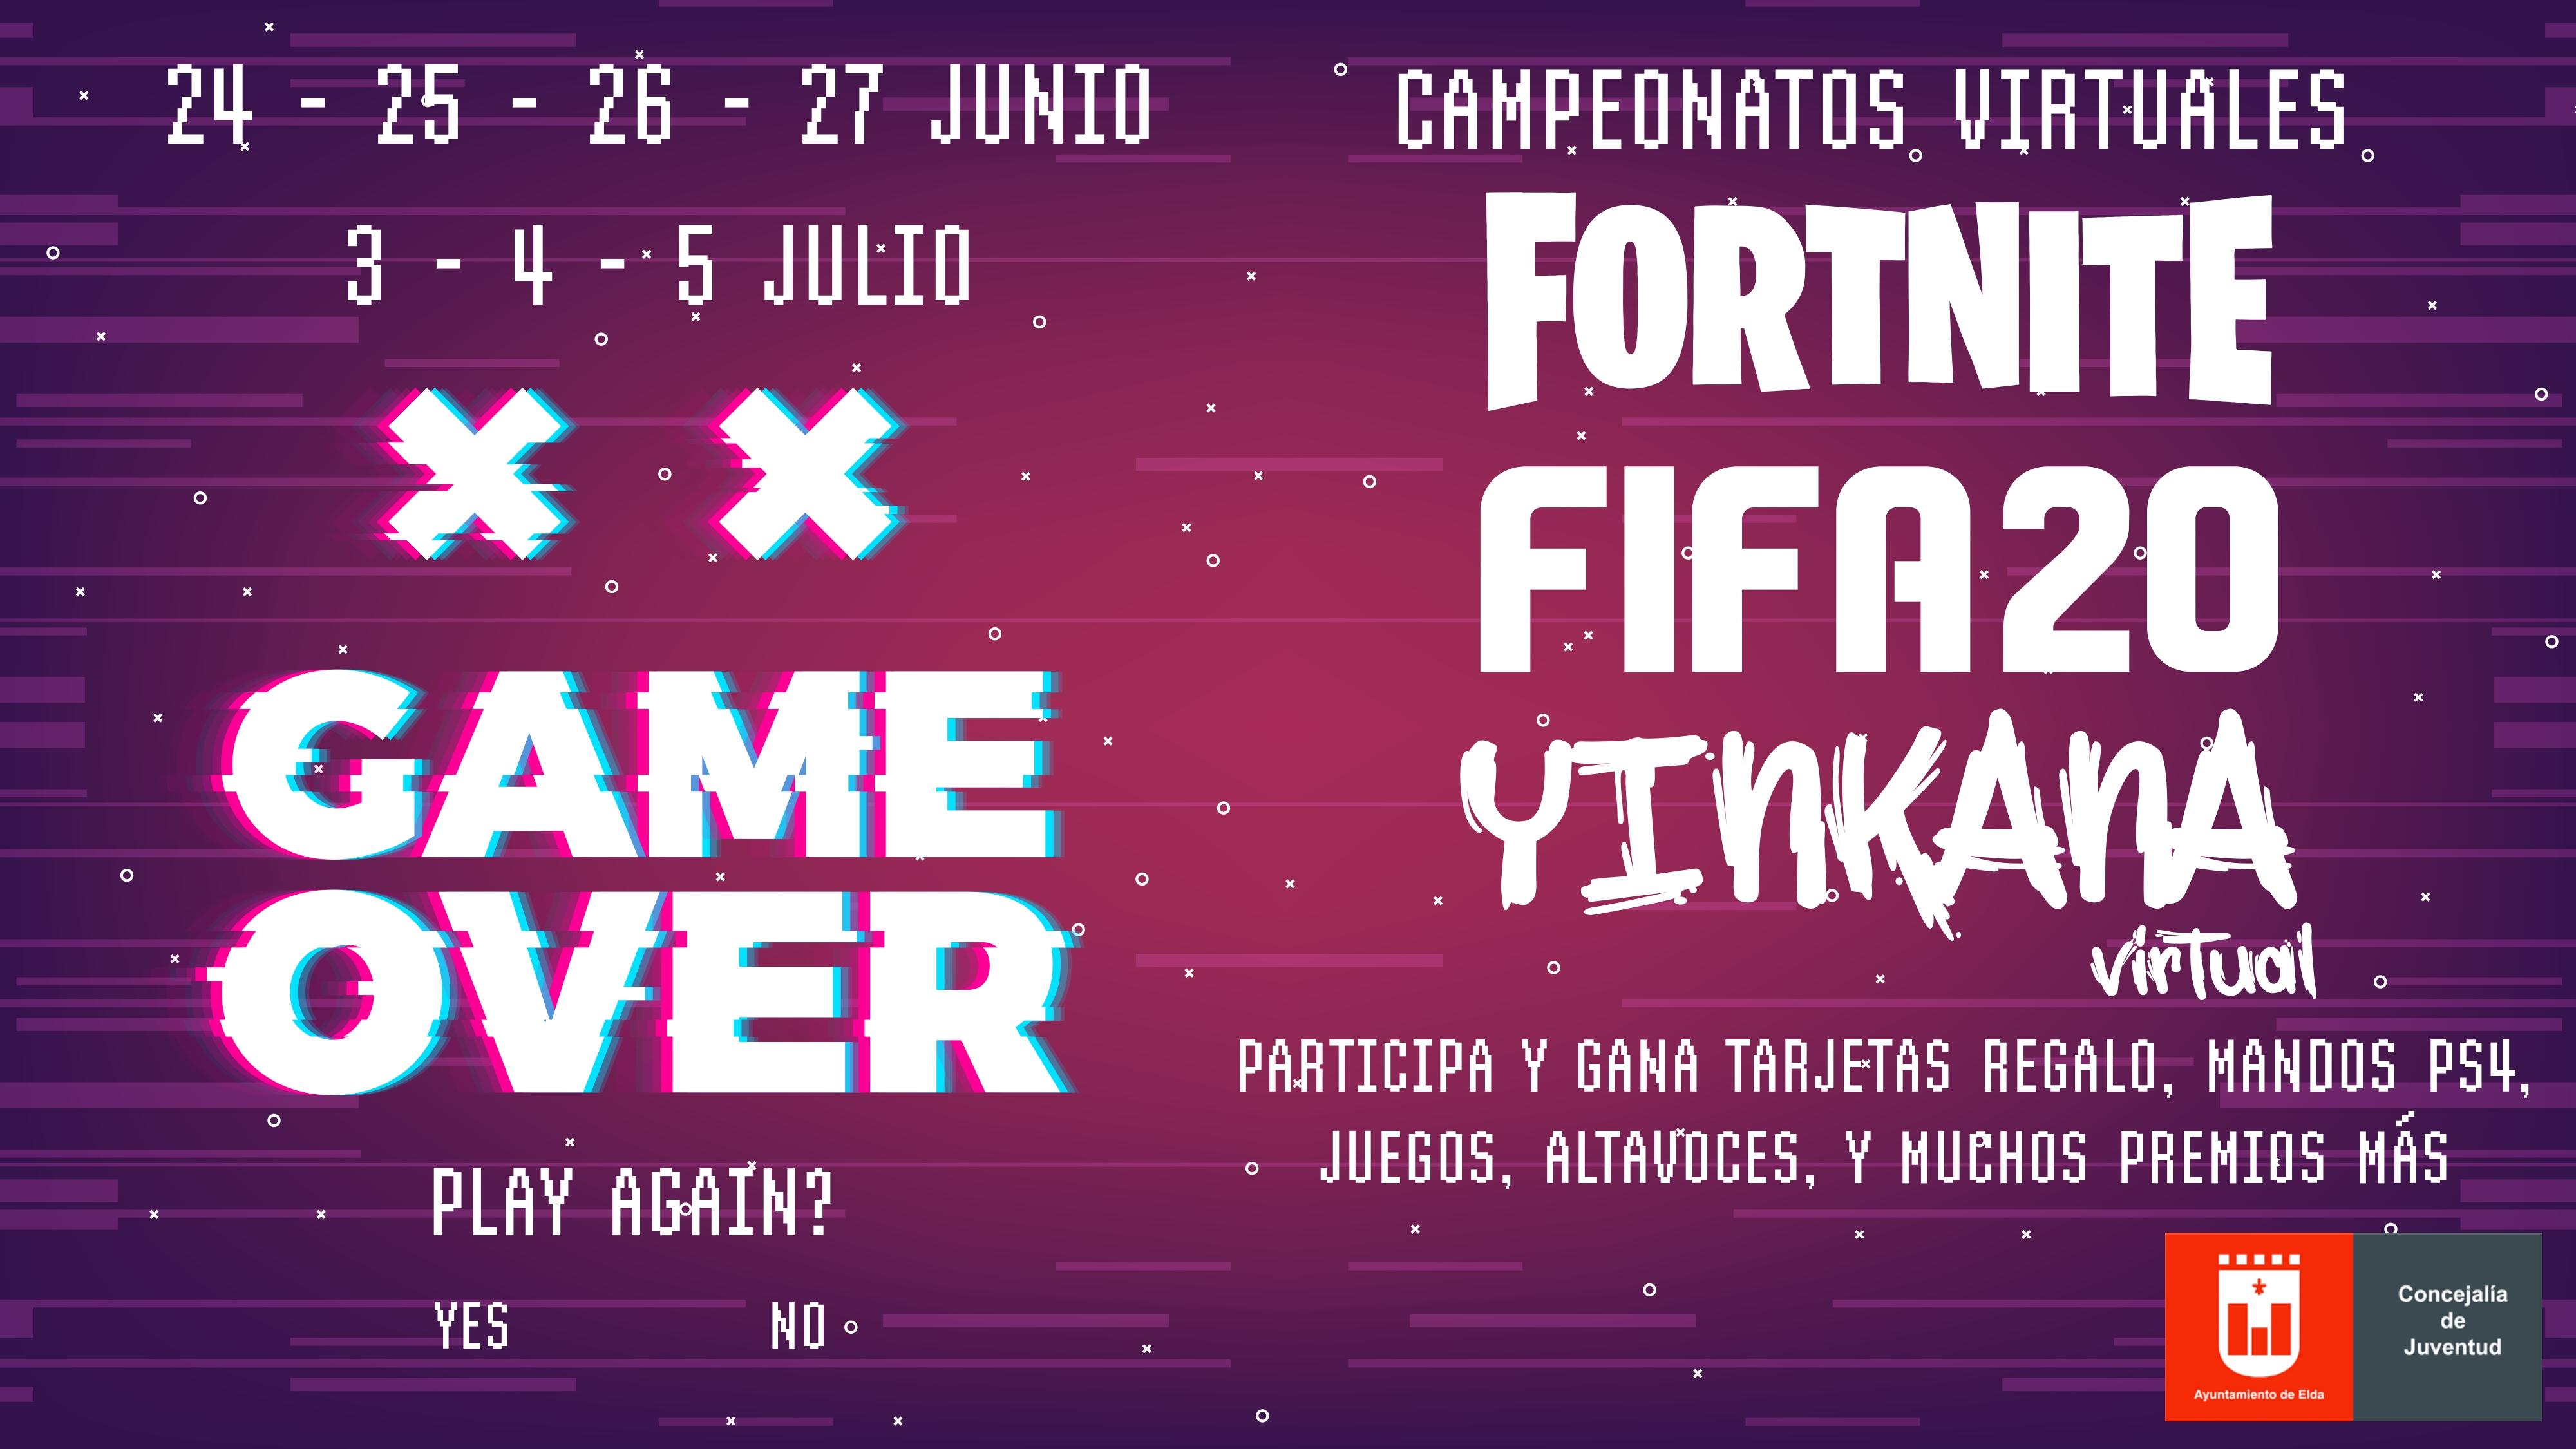 La Concejalía de Juventud organiza un programa de actividades online con torneos de FIFA 20, Fornite y Yinkana Virtual